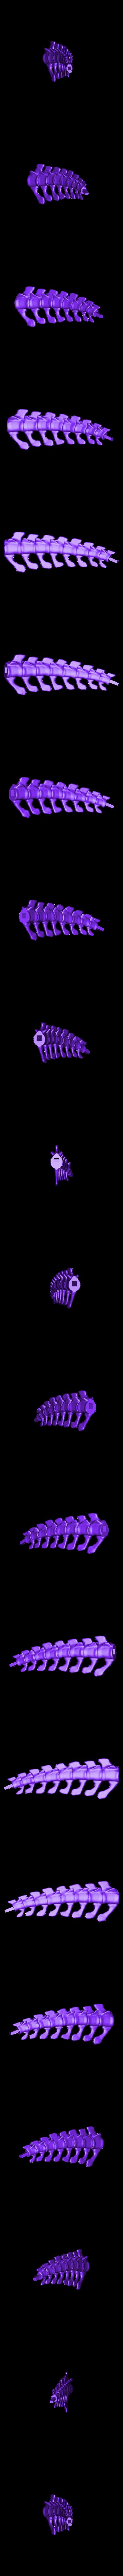 TRex_Tail3.stl Télécharger fichier STL gratuit T-Rex Skeleton - Leo Burton Mount • Objet à imprimer en 3D, LordLilapause